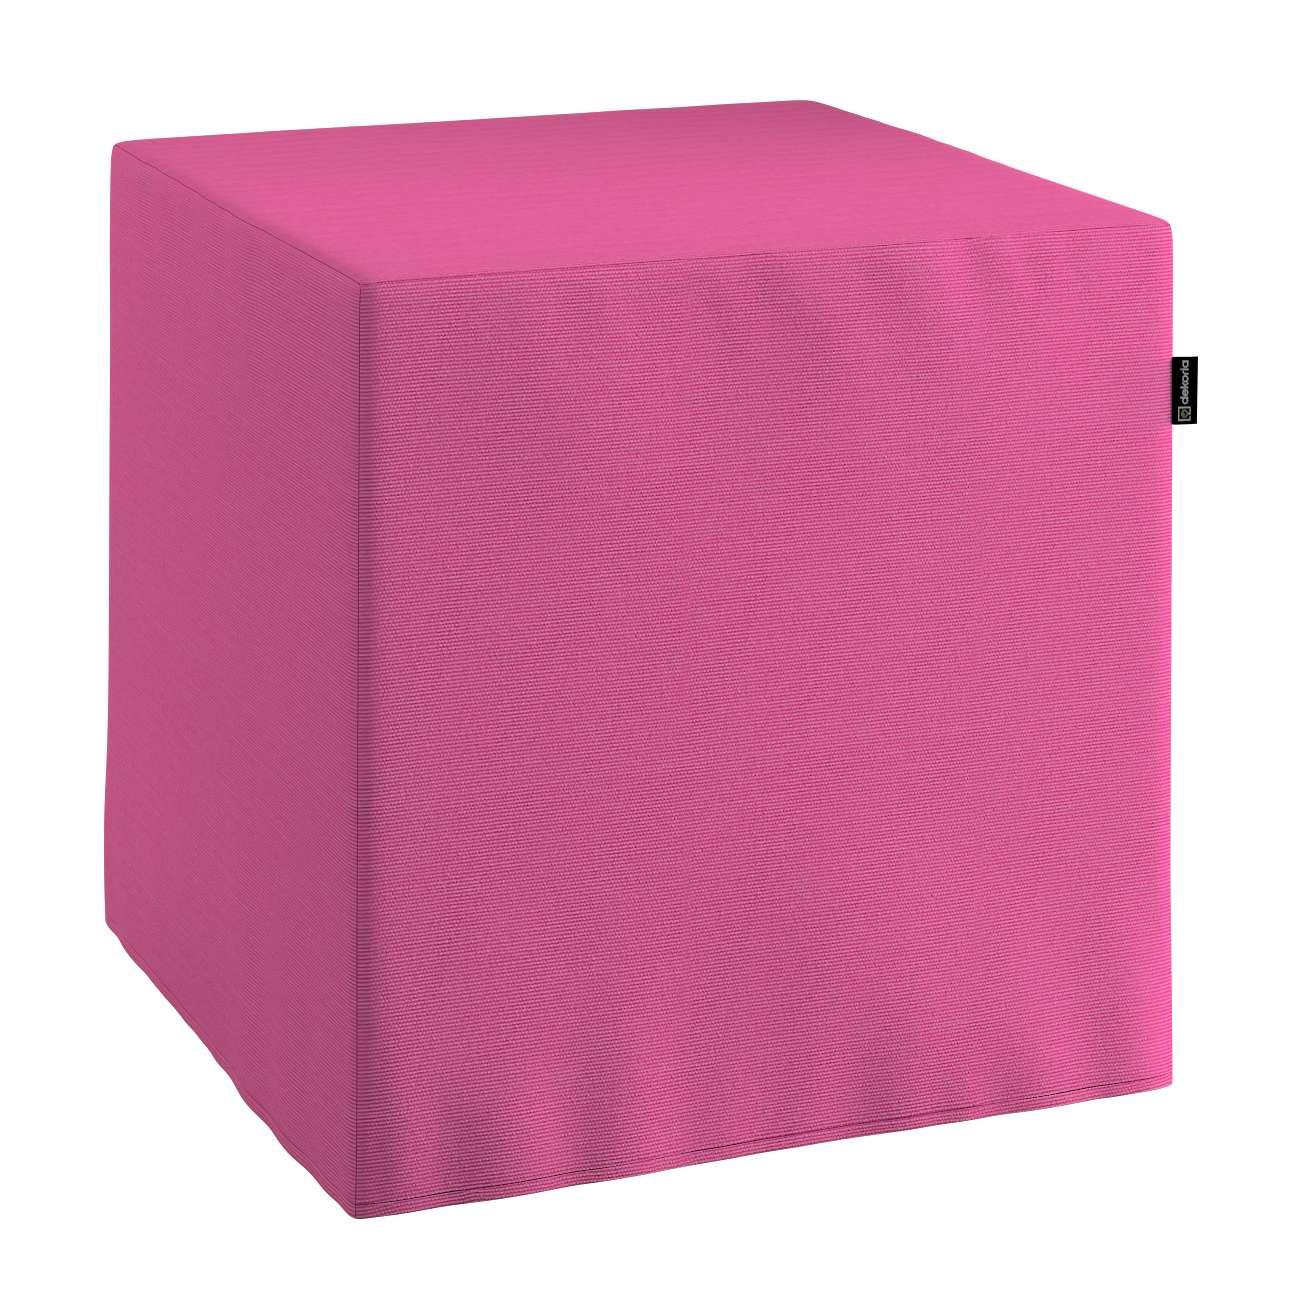 Bezug für Sitzwürfel, rosa, Bezug für Sitzwürfel 40x40x40 cm, Jupiter | Wohnzimmer > Hocker & Poufs > Sitzwürfel | Dekoria